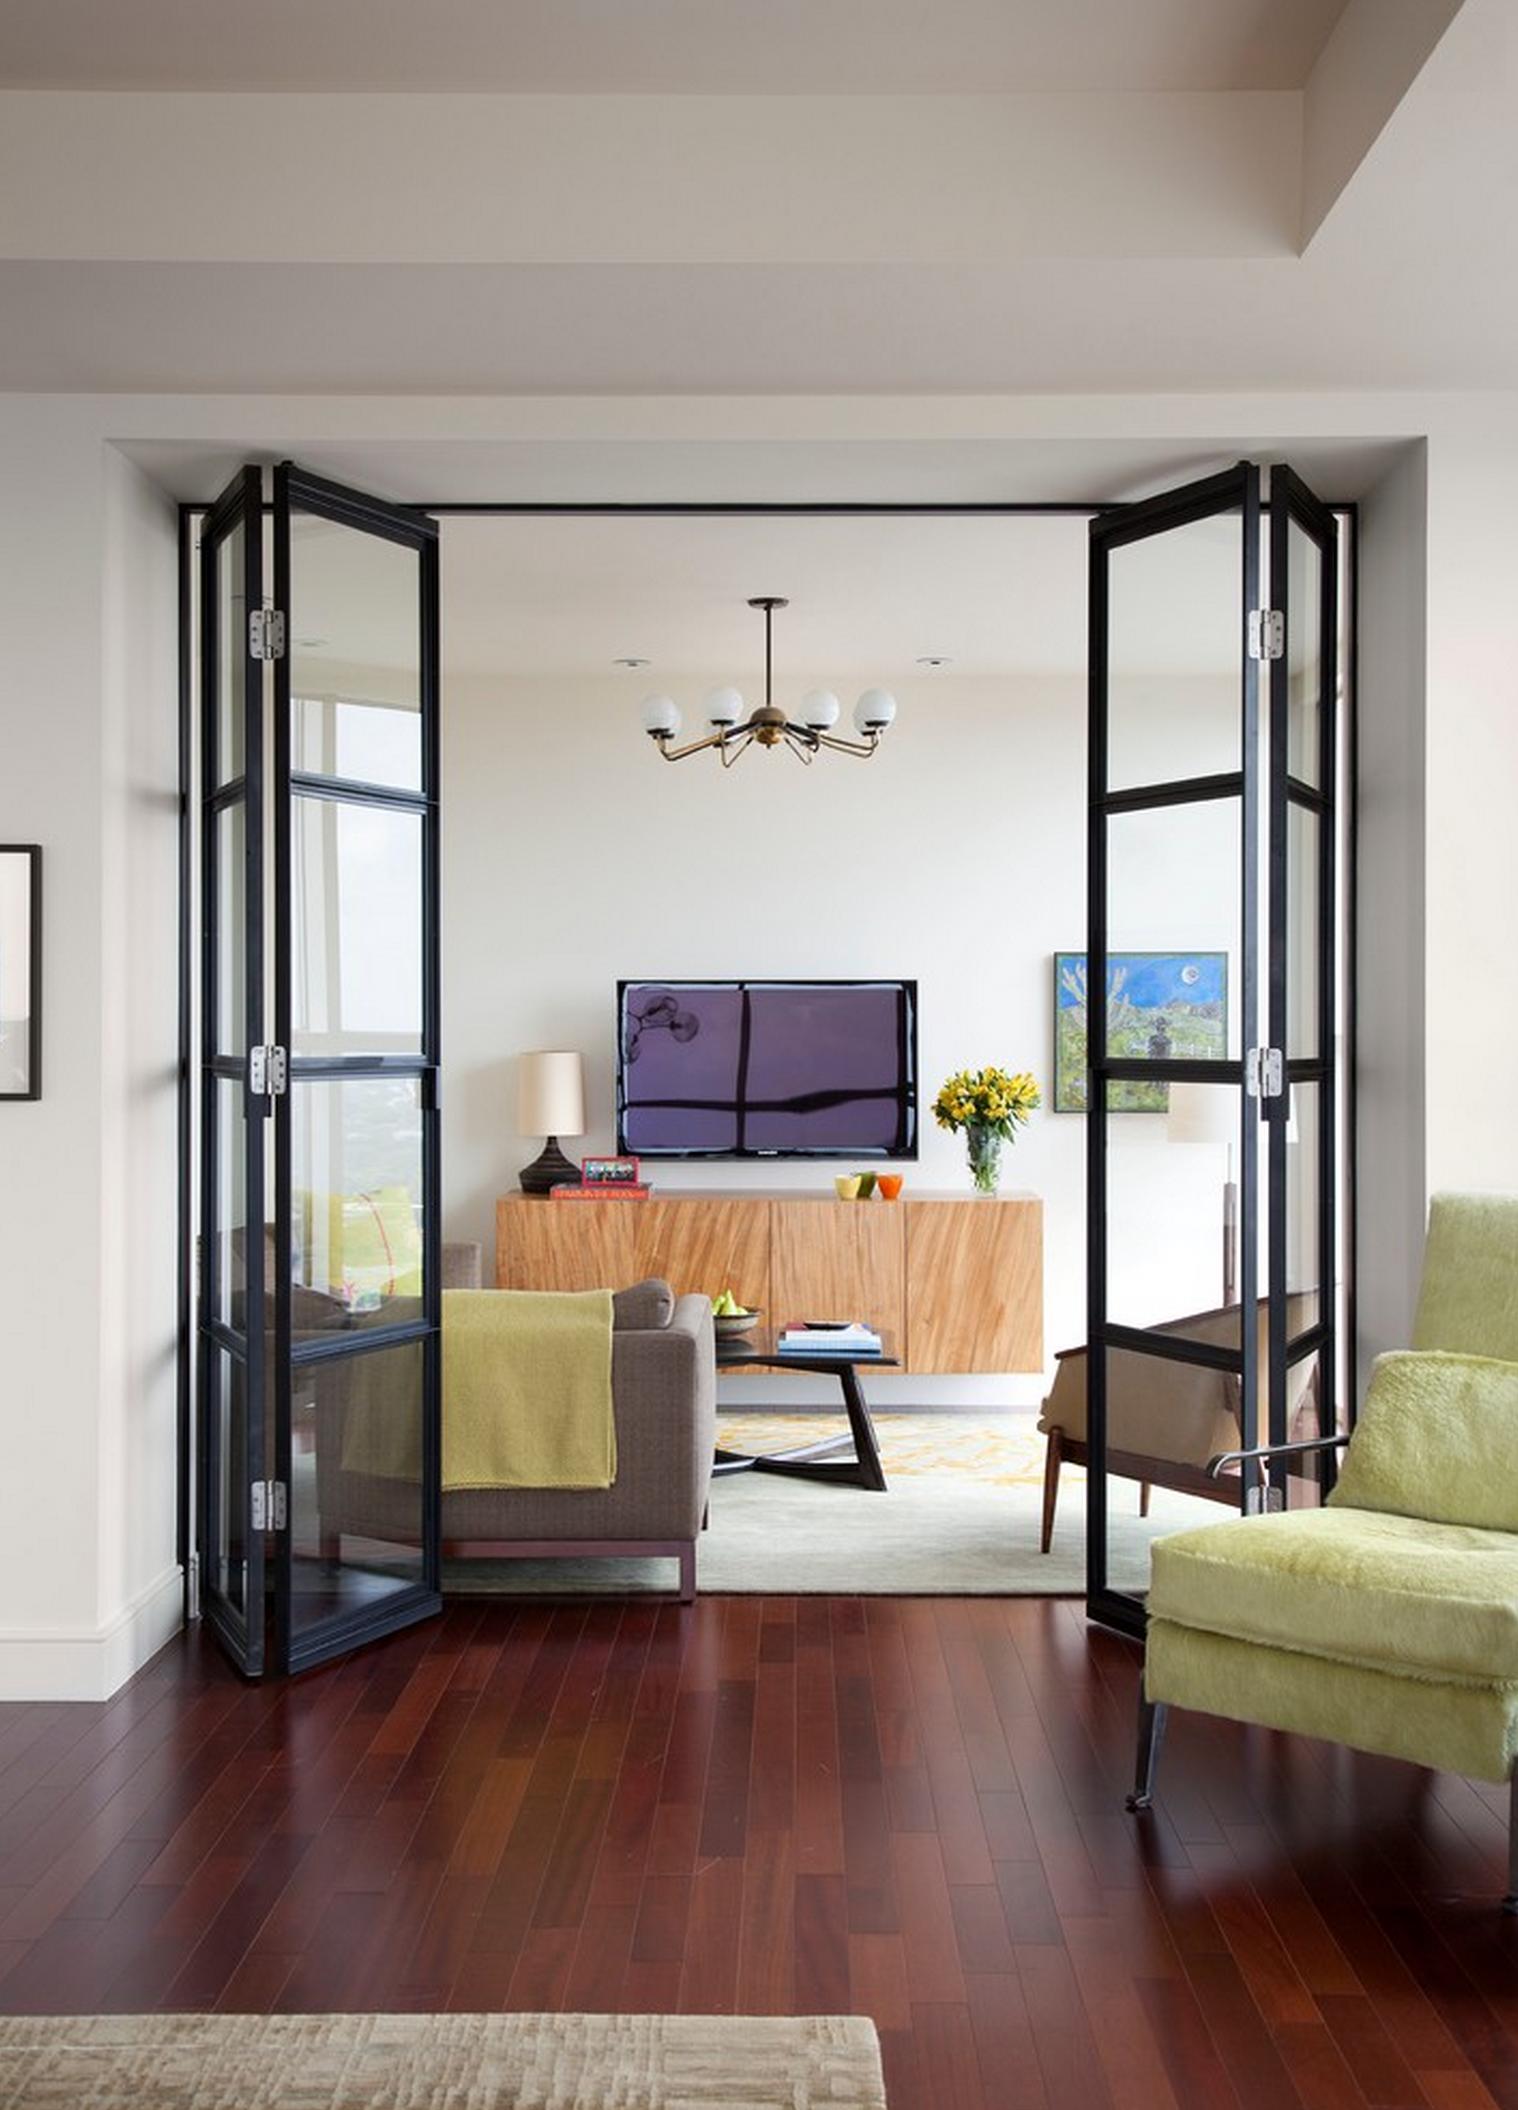 Living Room Design  Living Room  Pinterest  Living Rooms Room Brilliant Interior Design For Living Room 2018